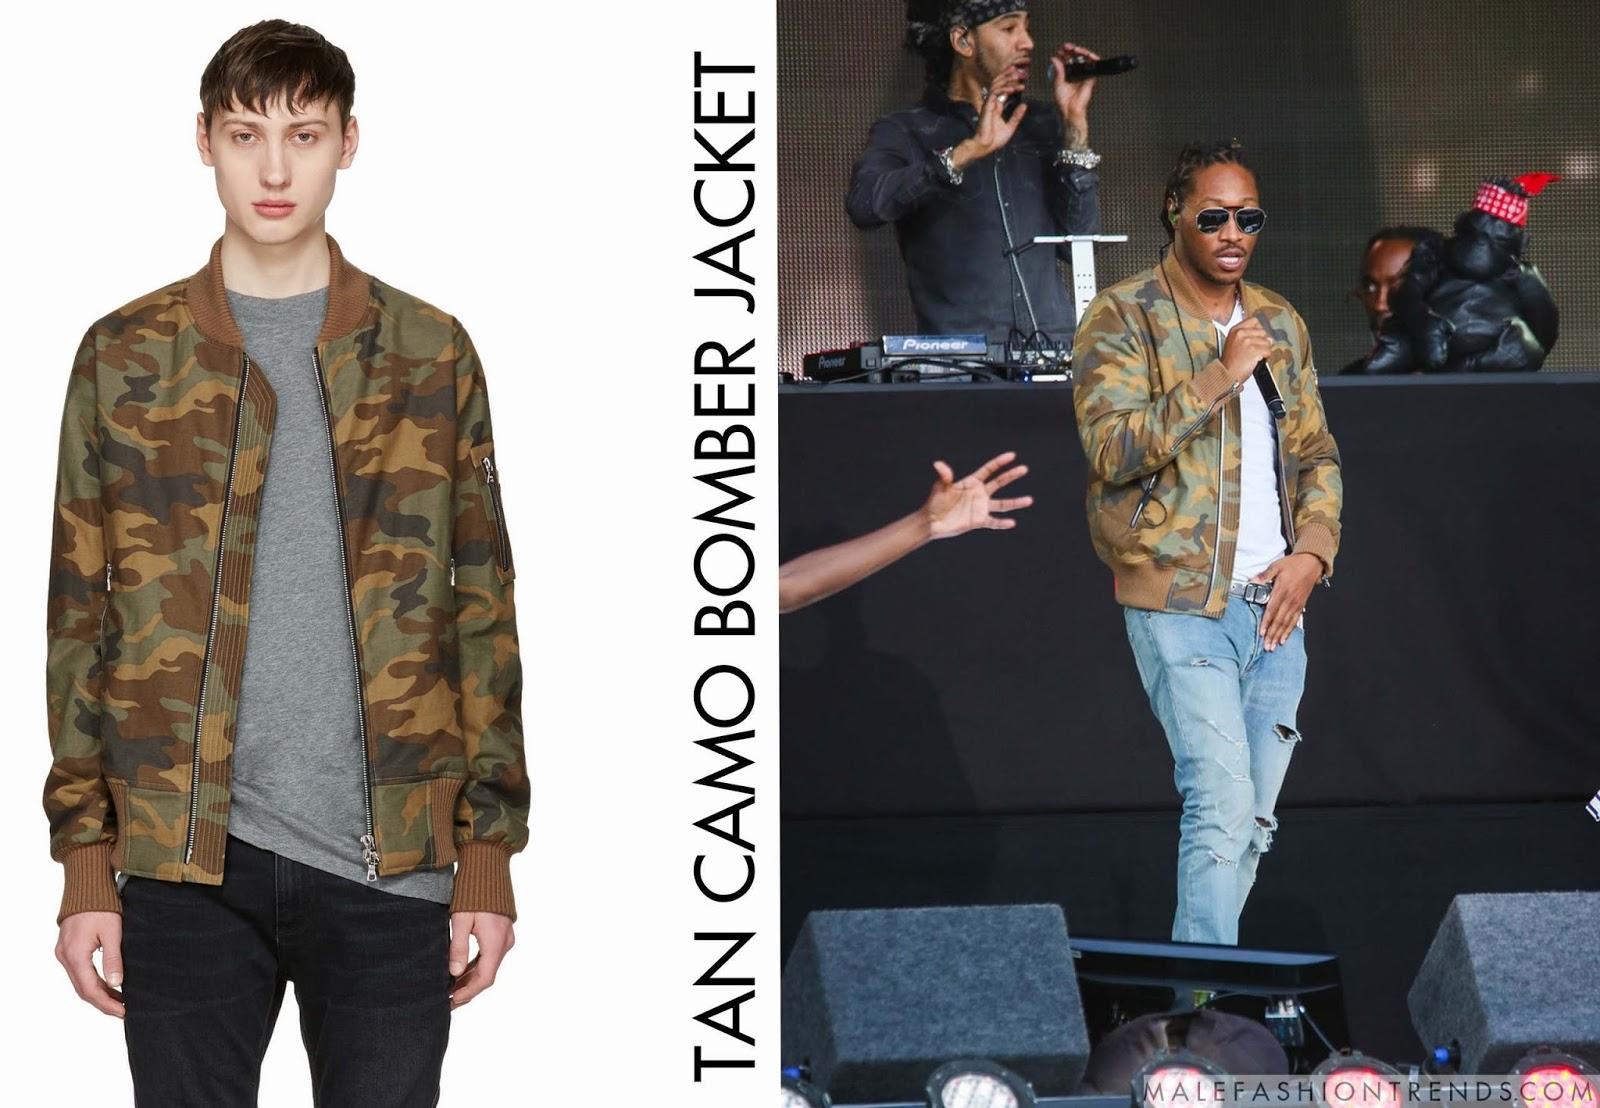 7e3d5f0c7877c Future y su Tan Camo Bomber Jacket de Amiri - Male Fashion Trends